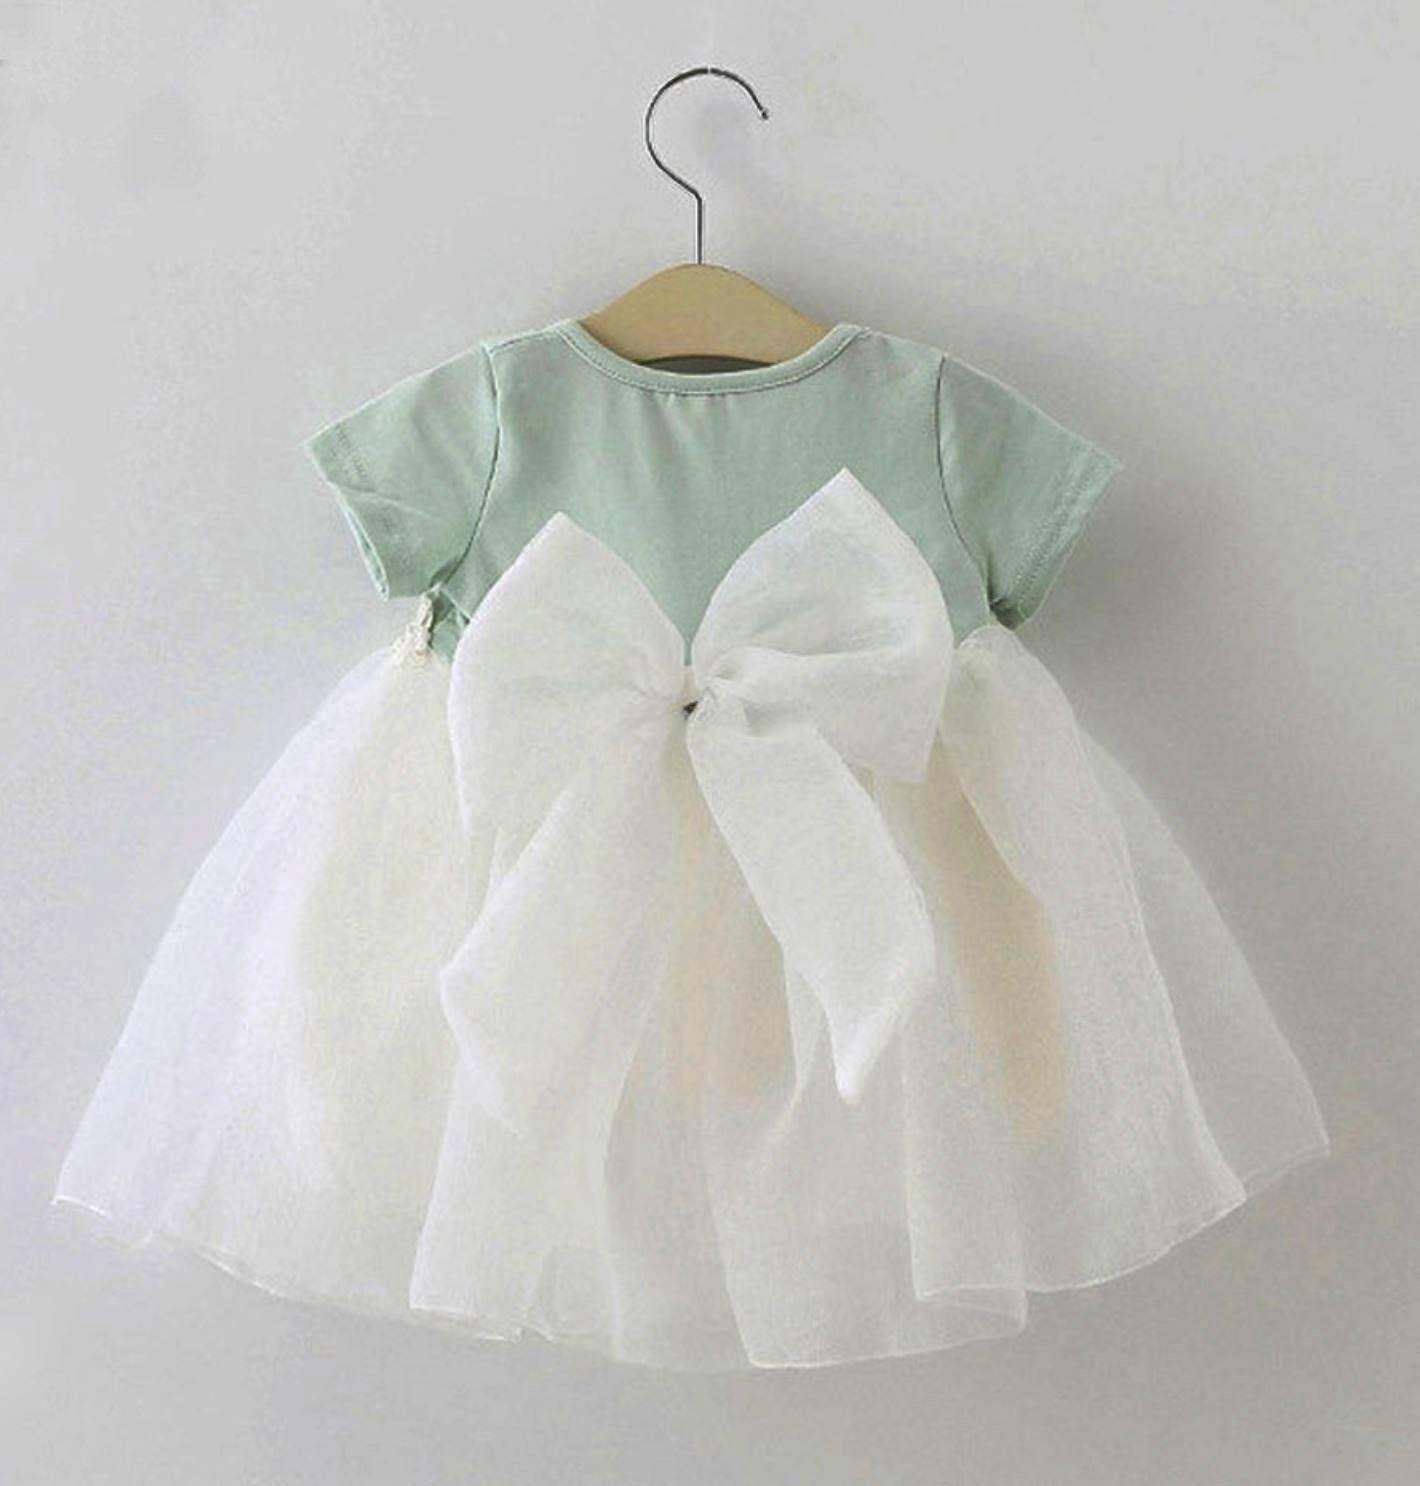 Newborn+Dress+Mintgreen+Tutu+Dress+7-7+Months,7-7+Months,+7-7+Mos+